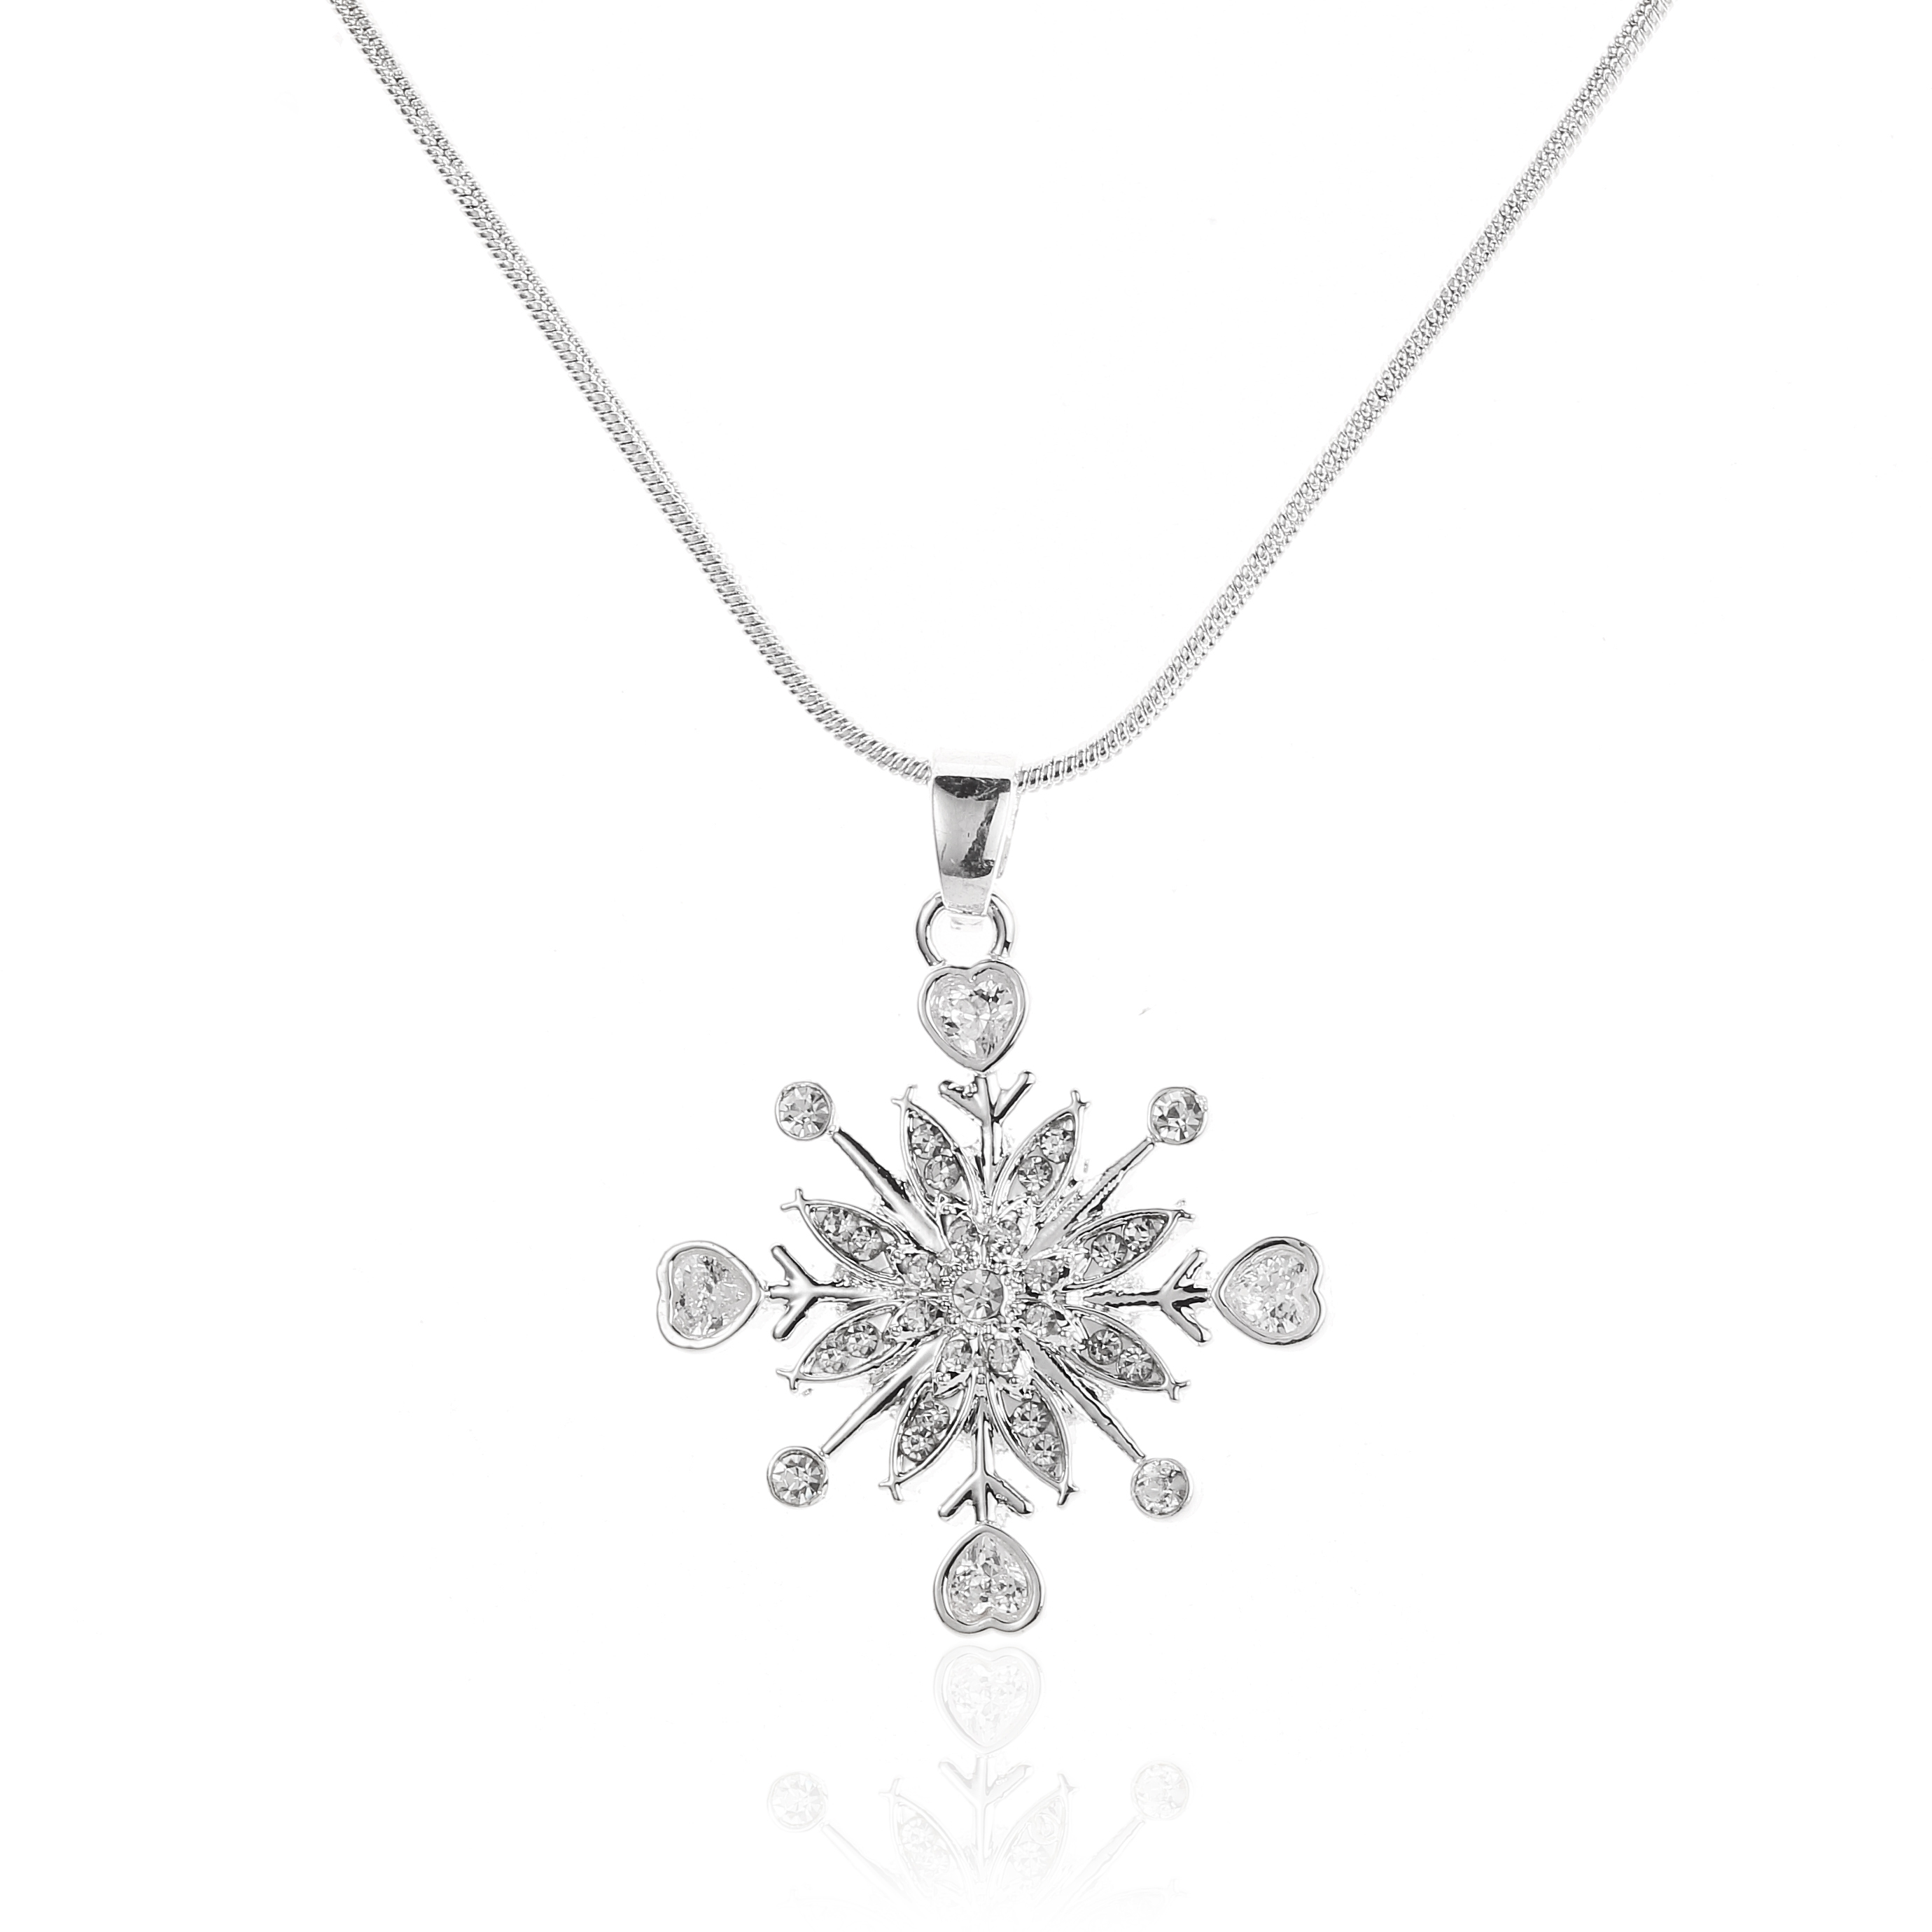 Zirconia Snowflake Pendant Necklace